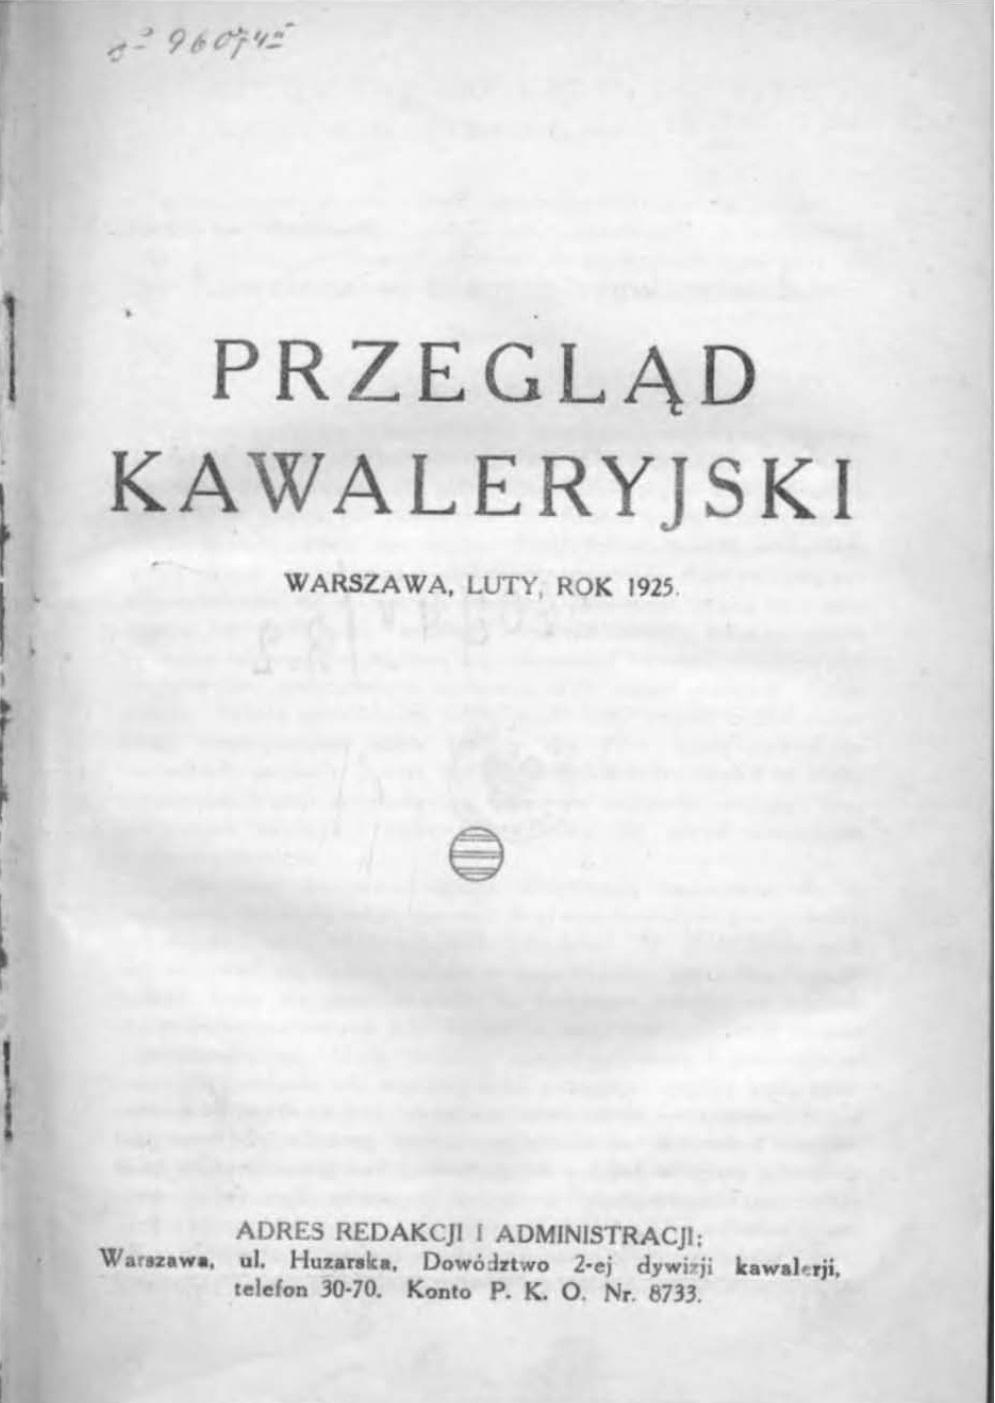 Przegląd Kawaleryjski 1925 zeszyt nr 1